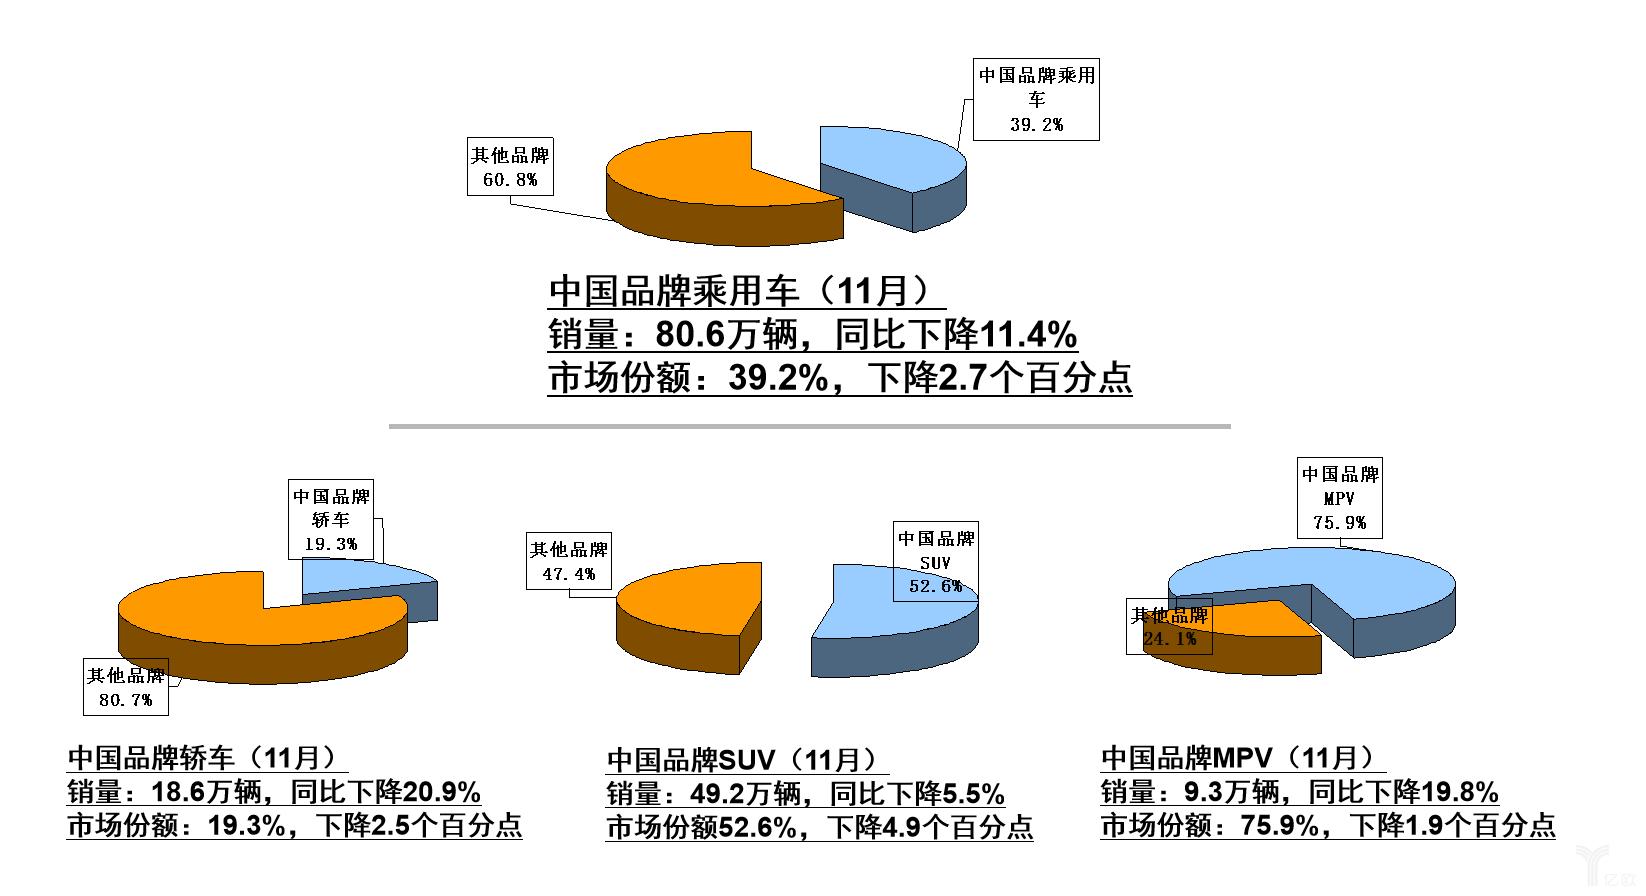 11月中国品牌乘用车销量与市场份额统计